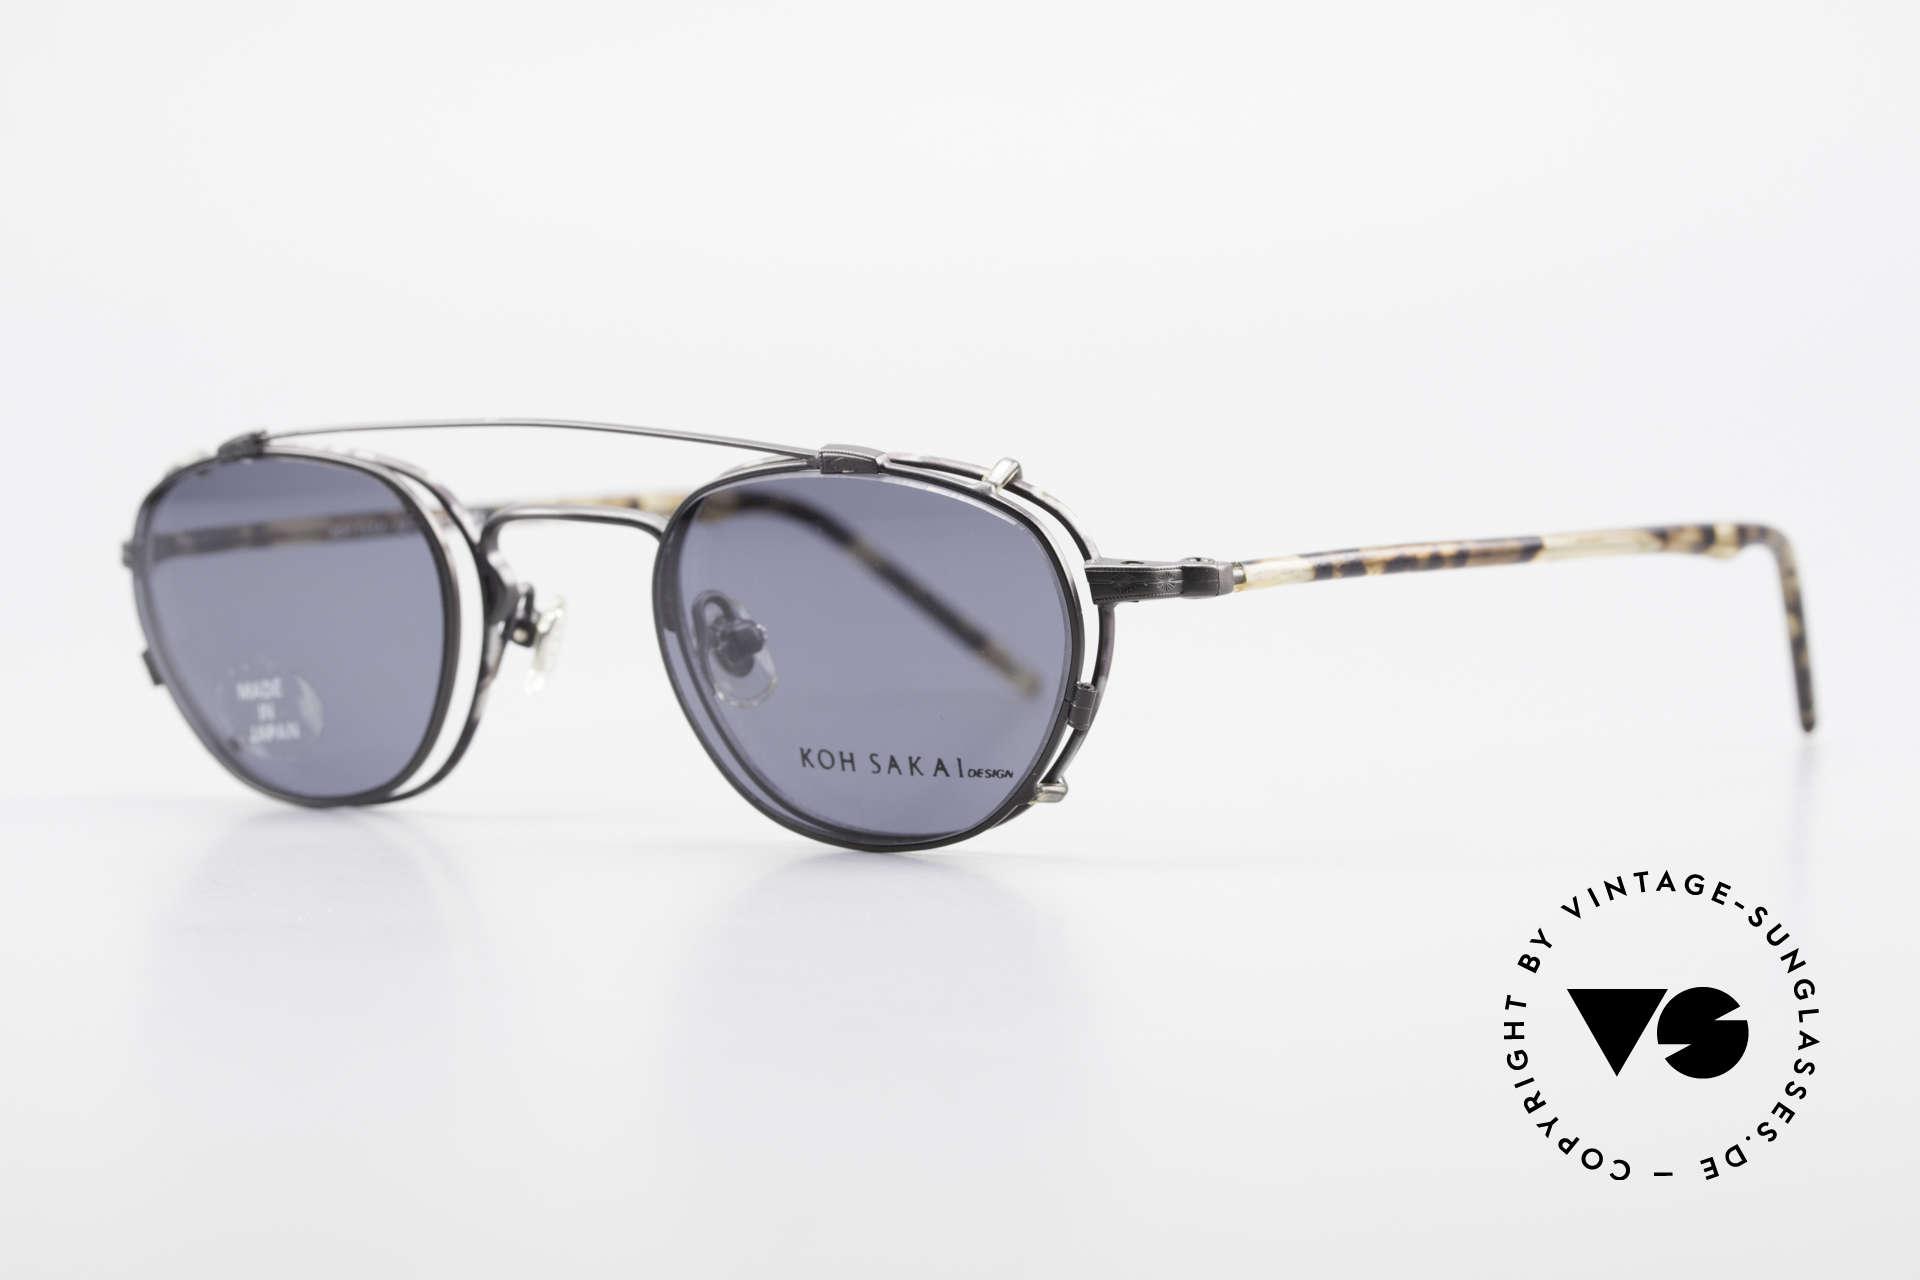 Koh Sakai KS9408 Kleine Brille mit Sonnenclip, in Los Angeles designed & in Sabae (Japan) produziert, Passend für Herren und Damen